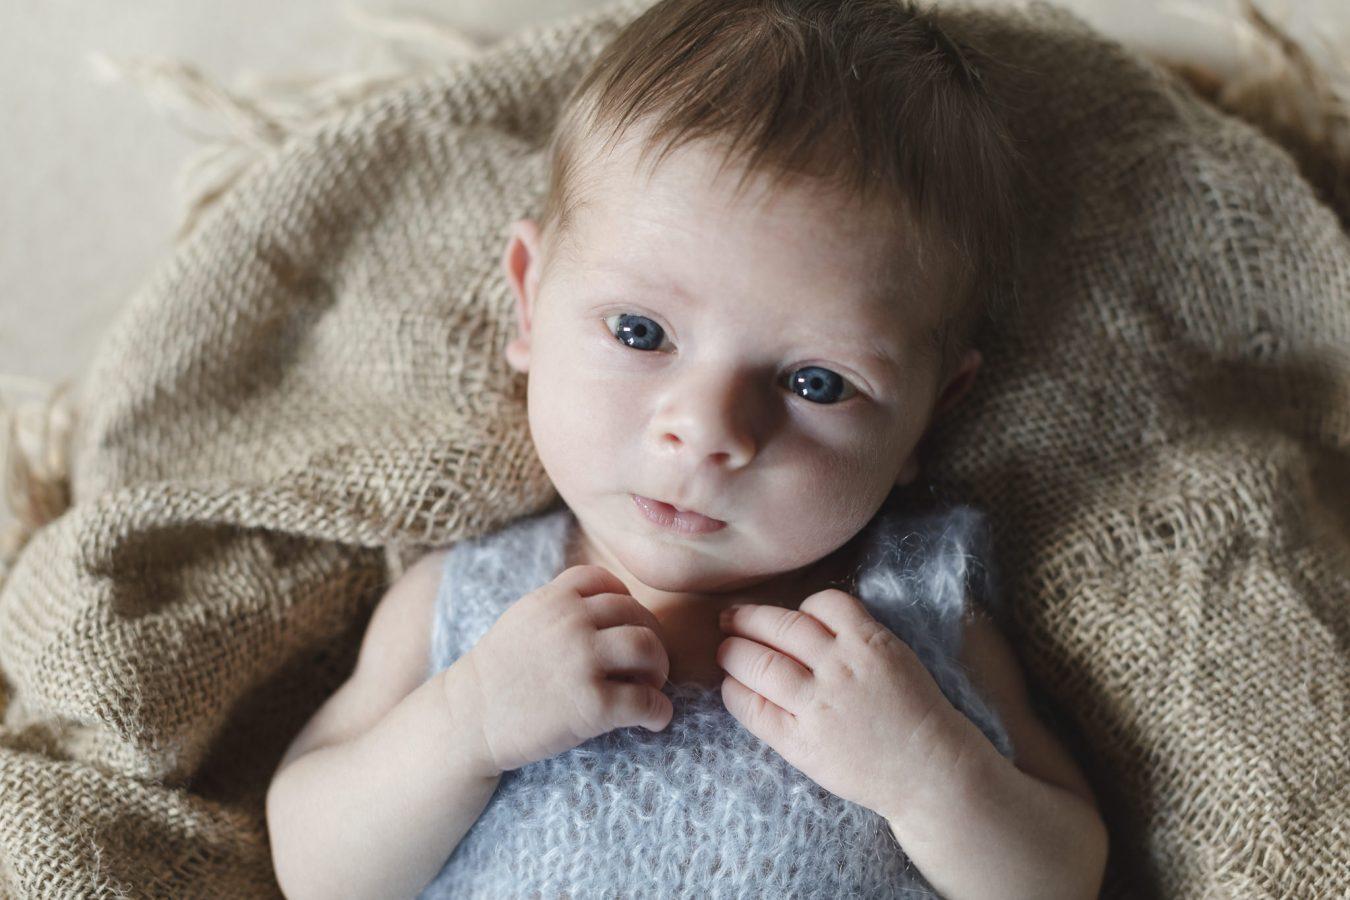 Babyfotograf Hamburg - Baby liegt auf Jutedecke und schaut ganz neugierig in die Kamera